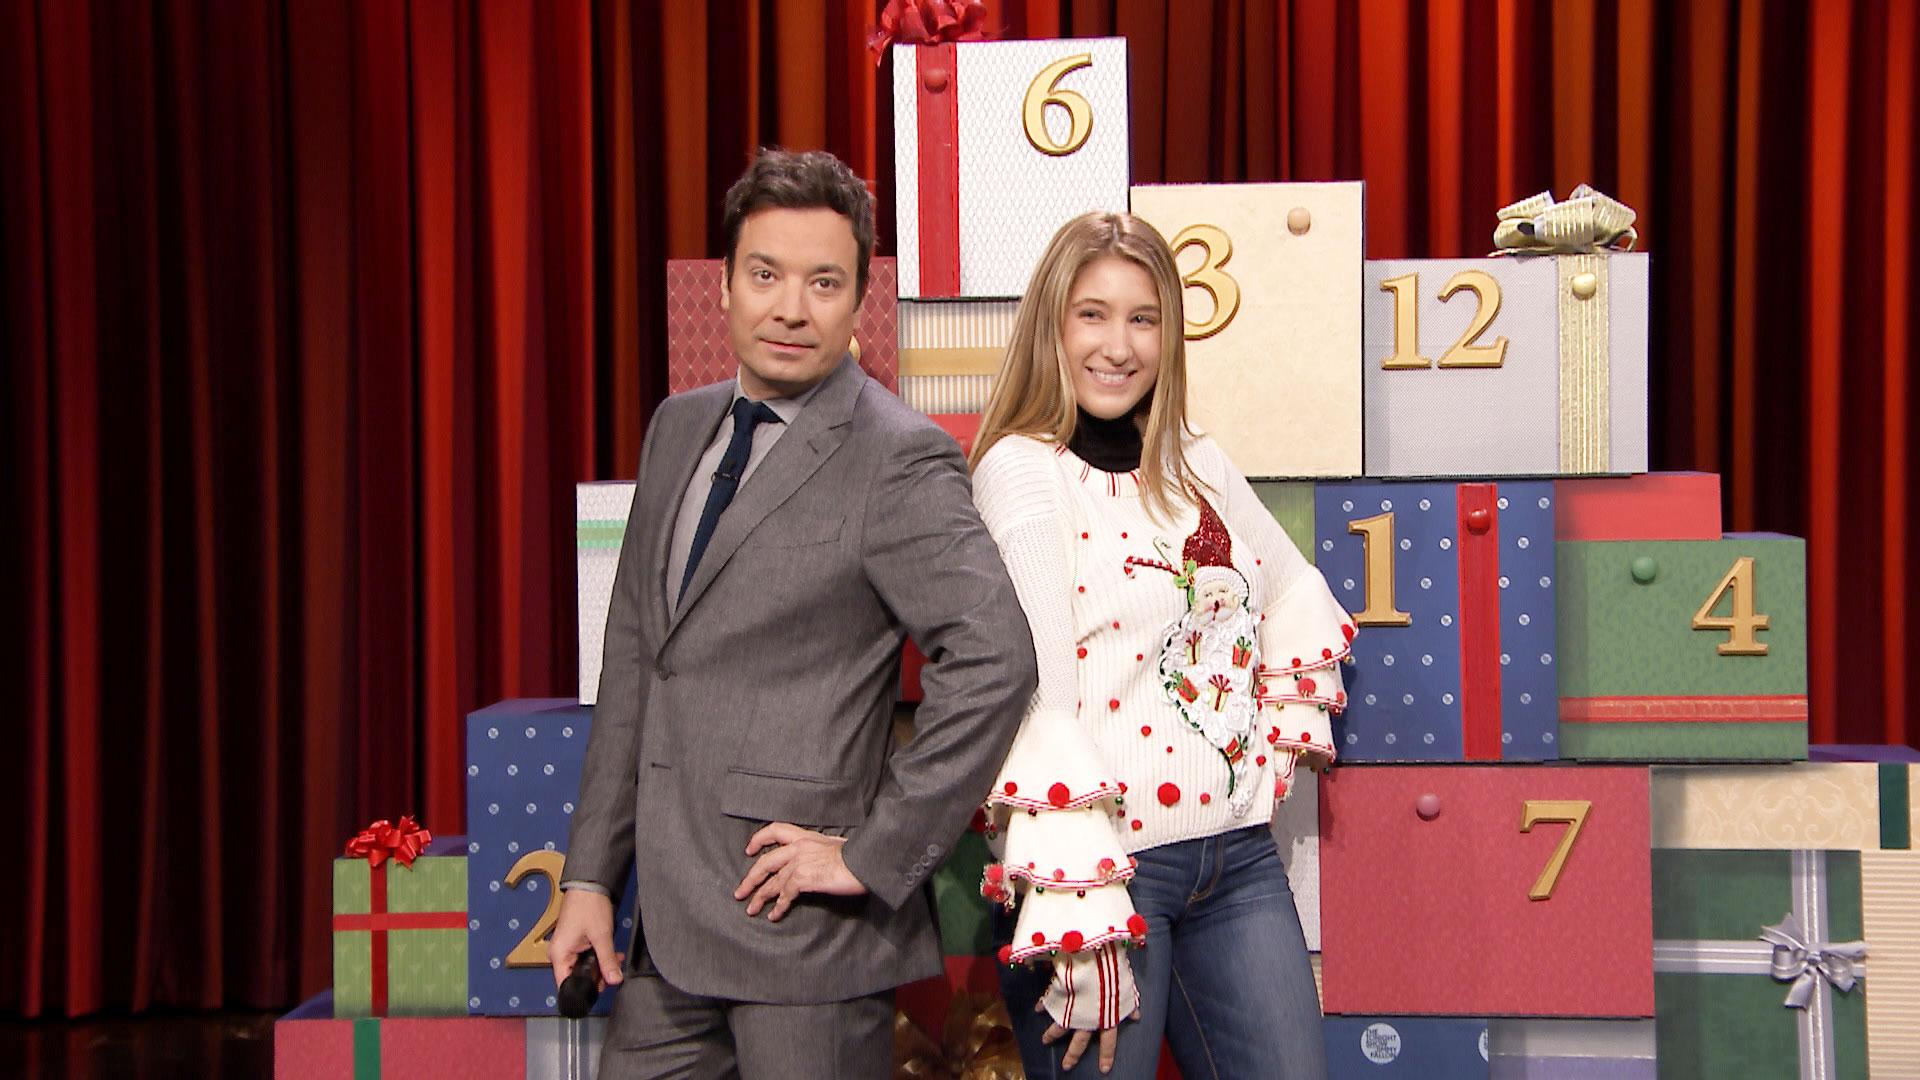 Jimmy fallon christmas sweaters